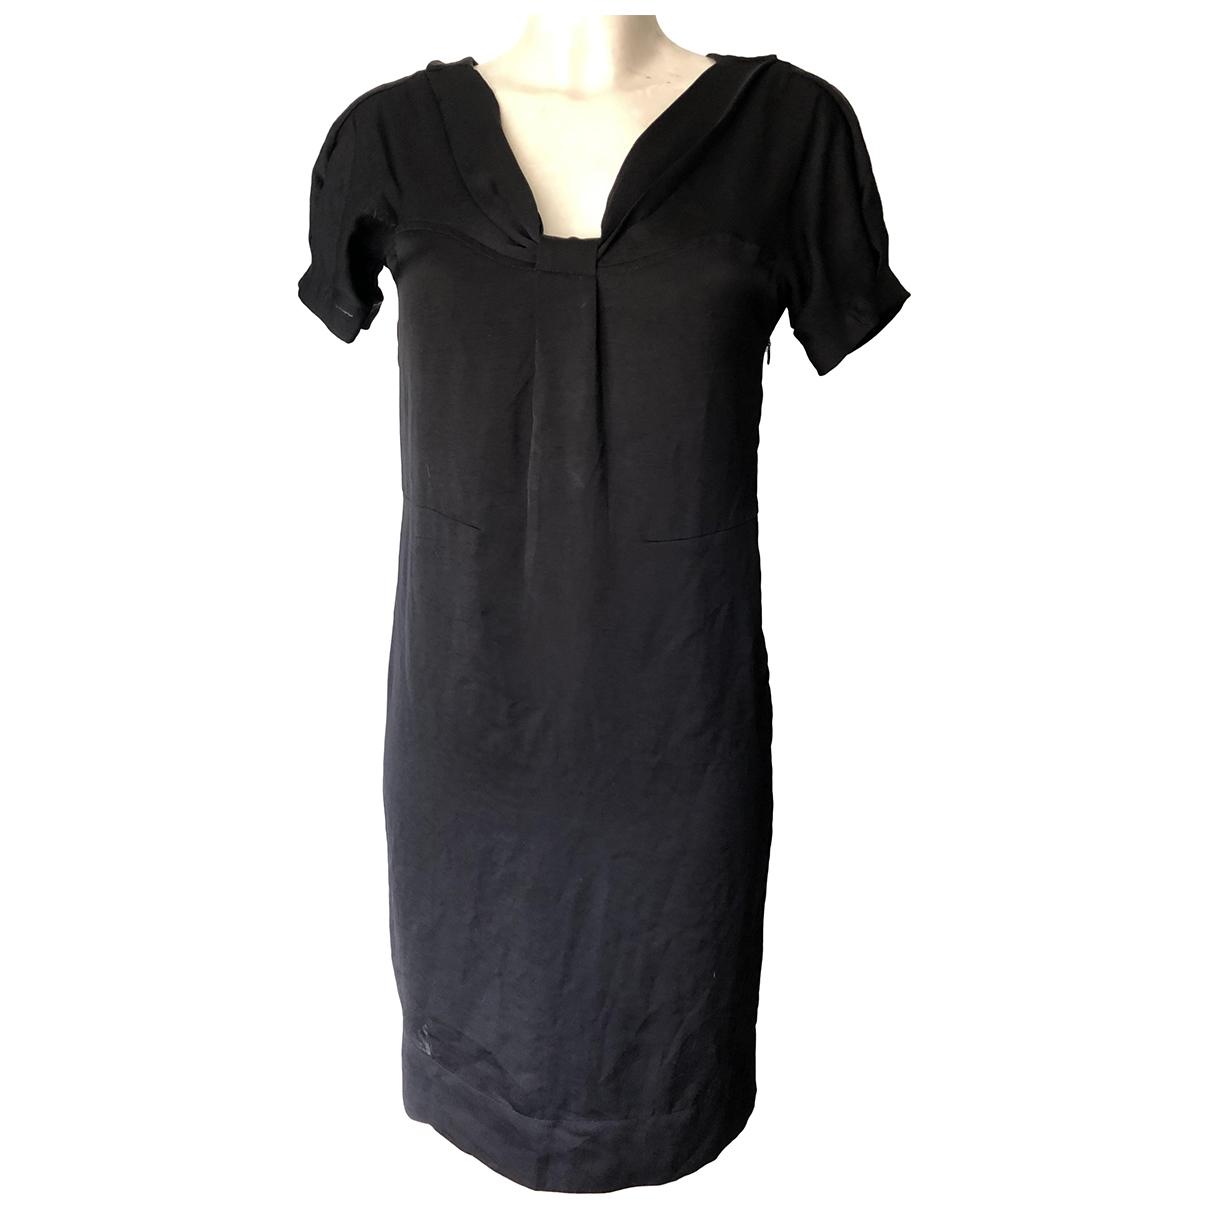 Comptoir Des Cotonniers \N Black dress for Women 34 FR